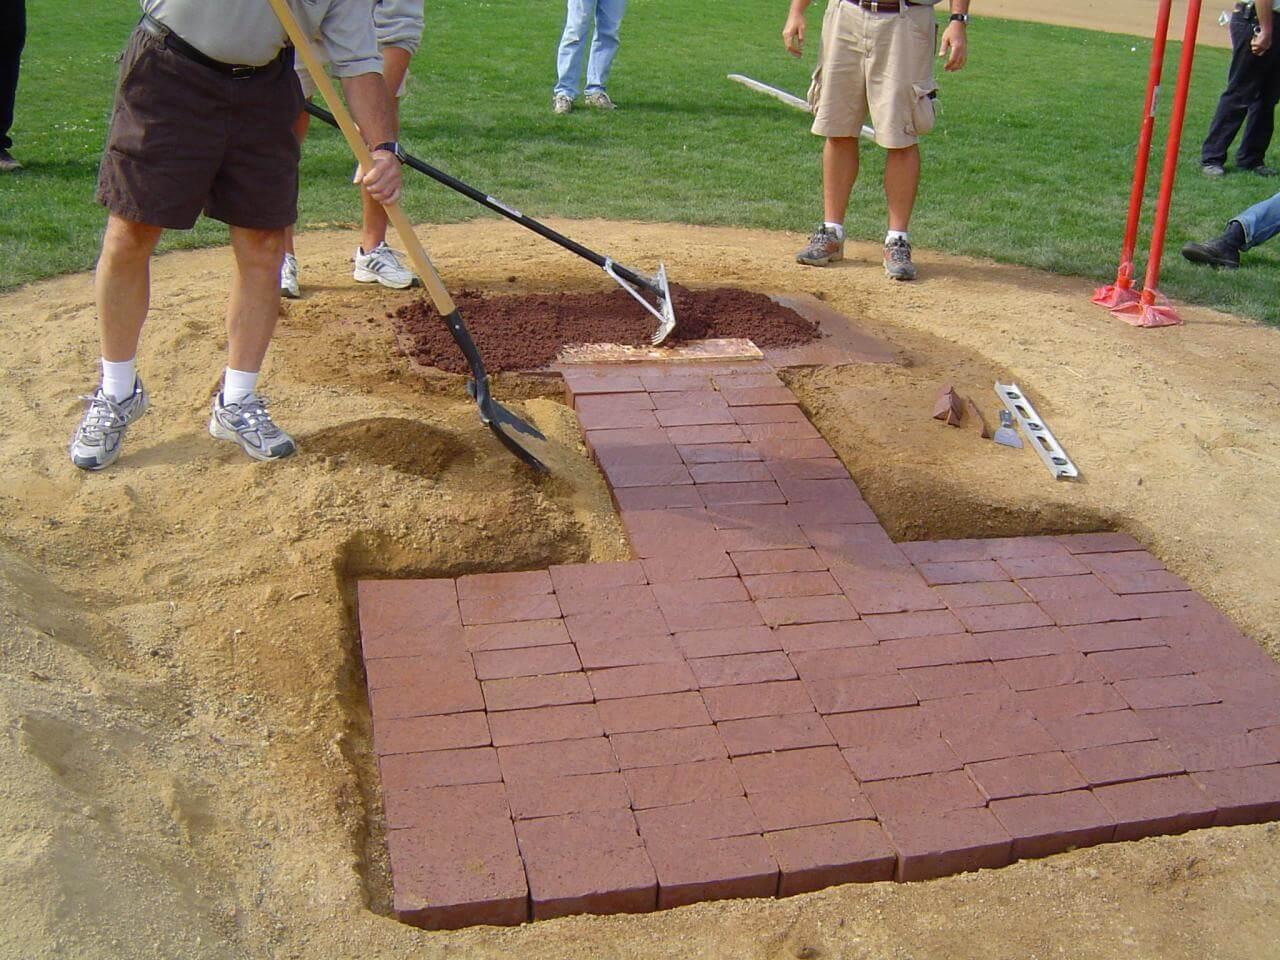 Backyard Pitching Mound